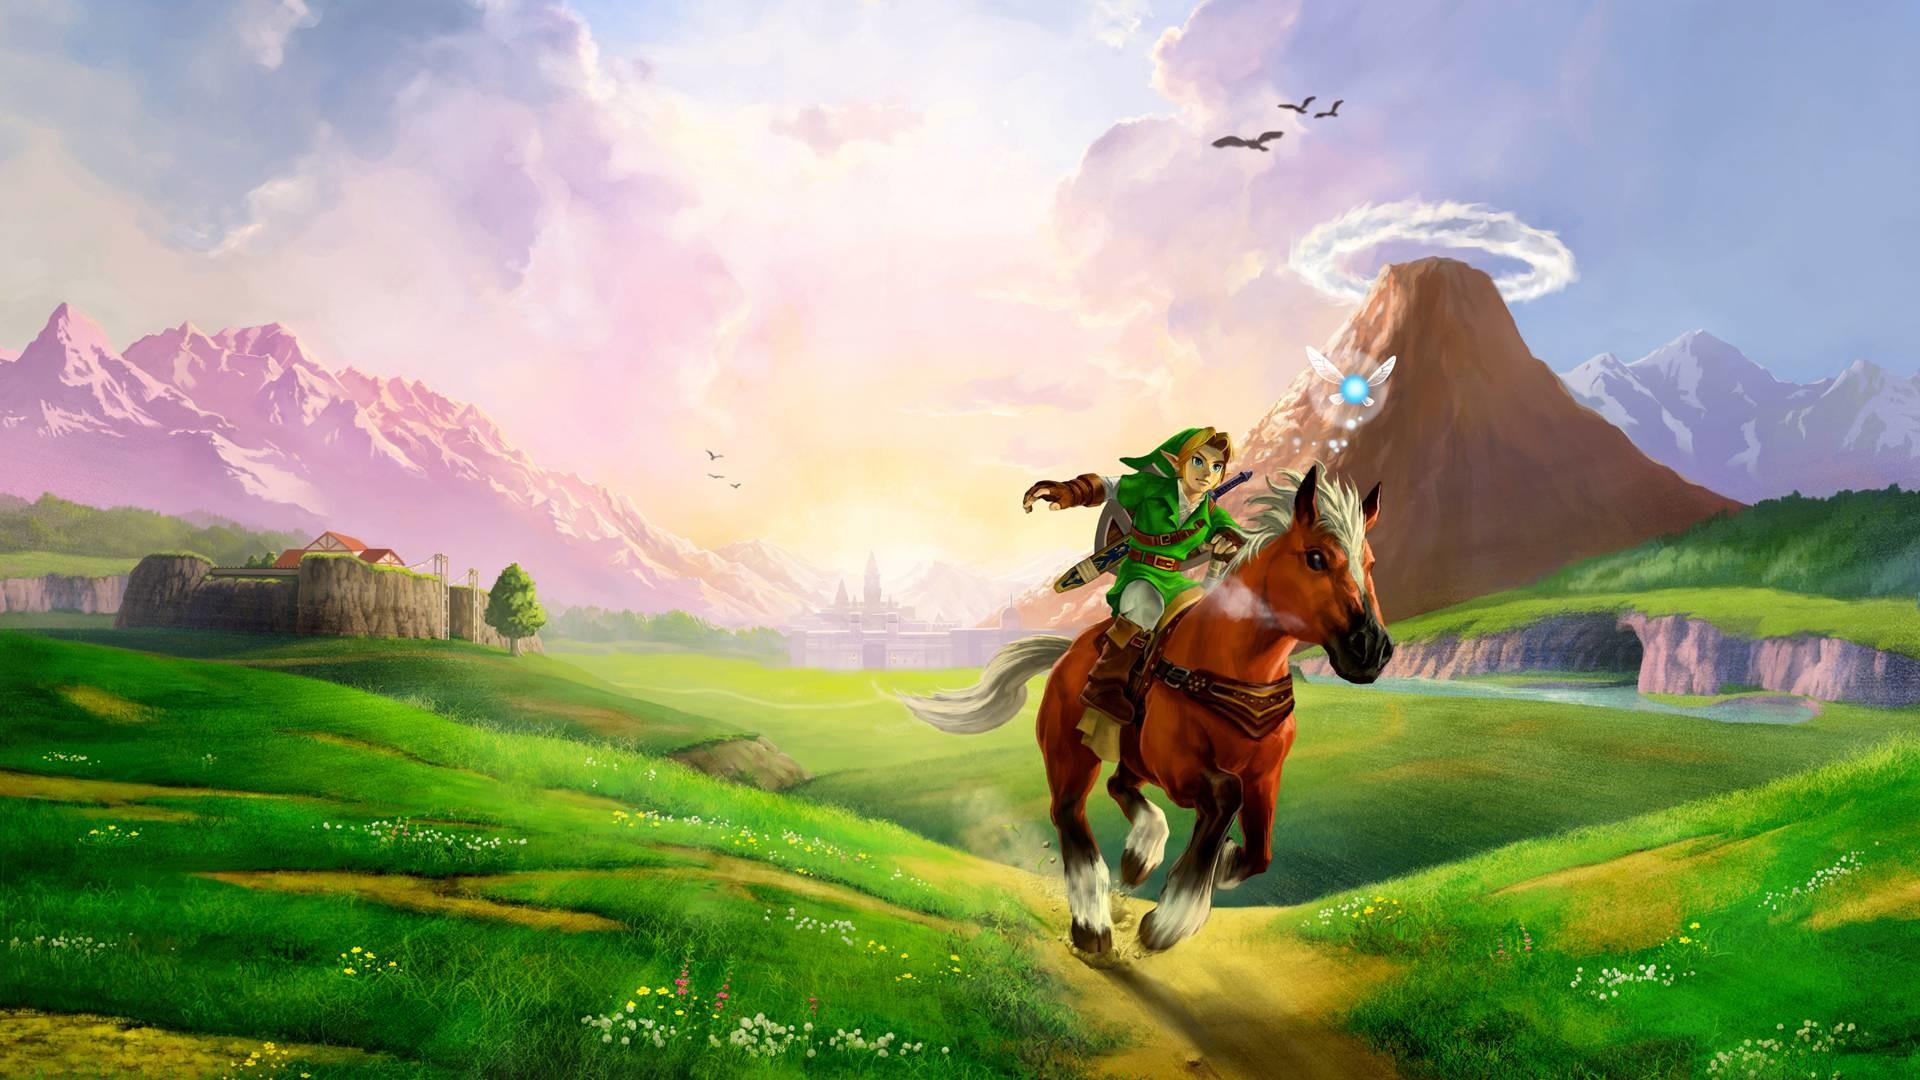 Wallpapers For > Legend Of Zelda Wallpaper 1920×1080